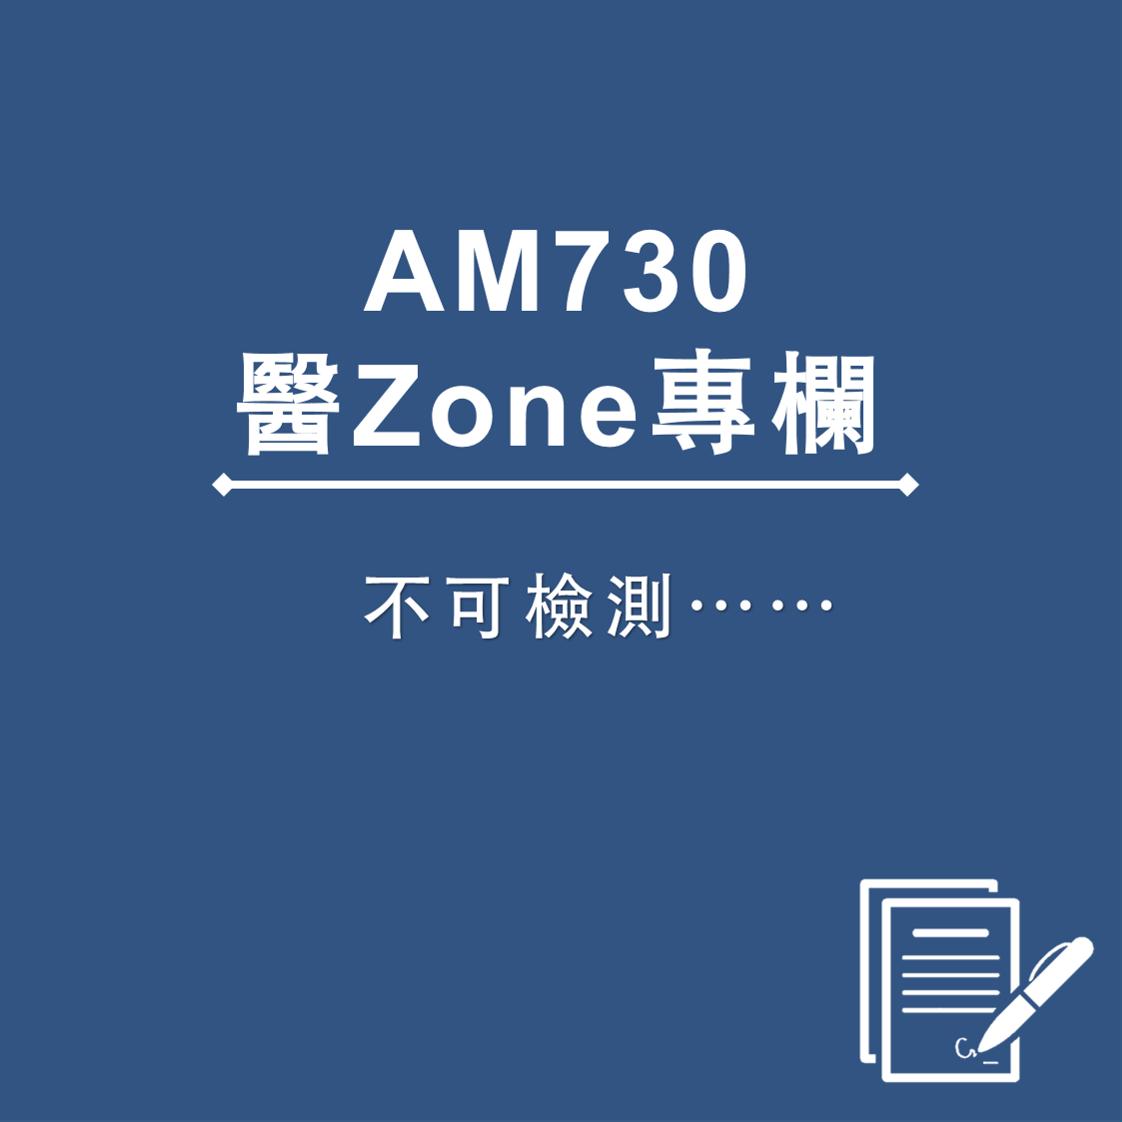 AM730 醫Zone 專欄 - 不可檢測……